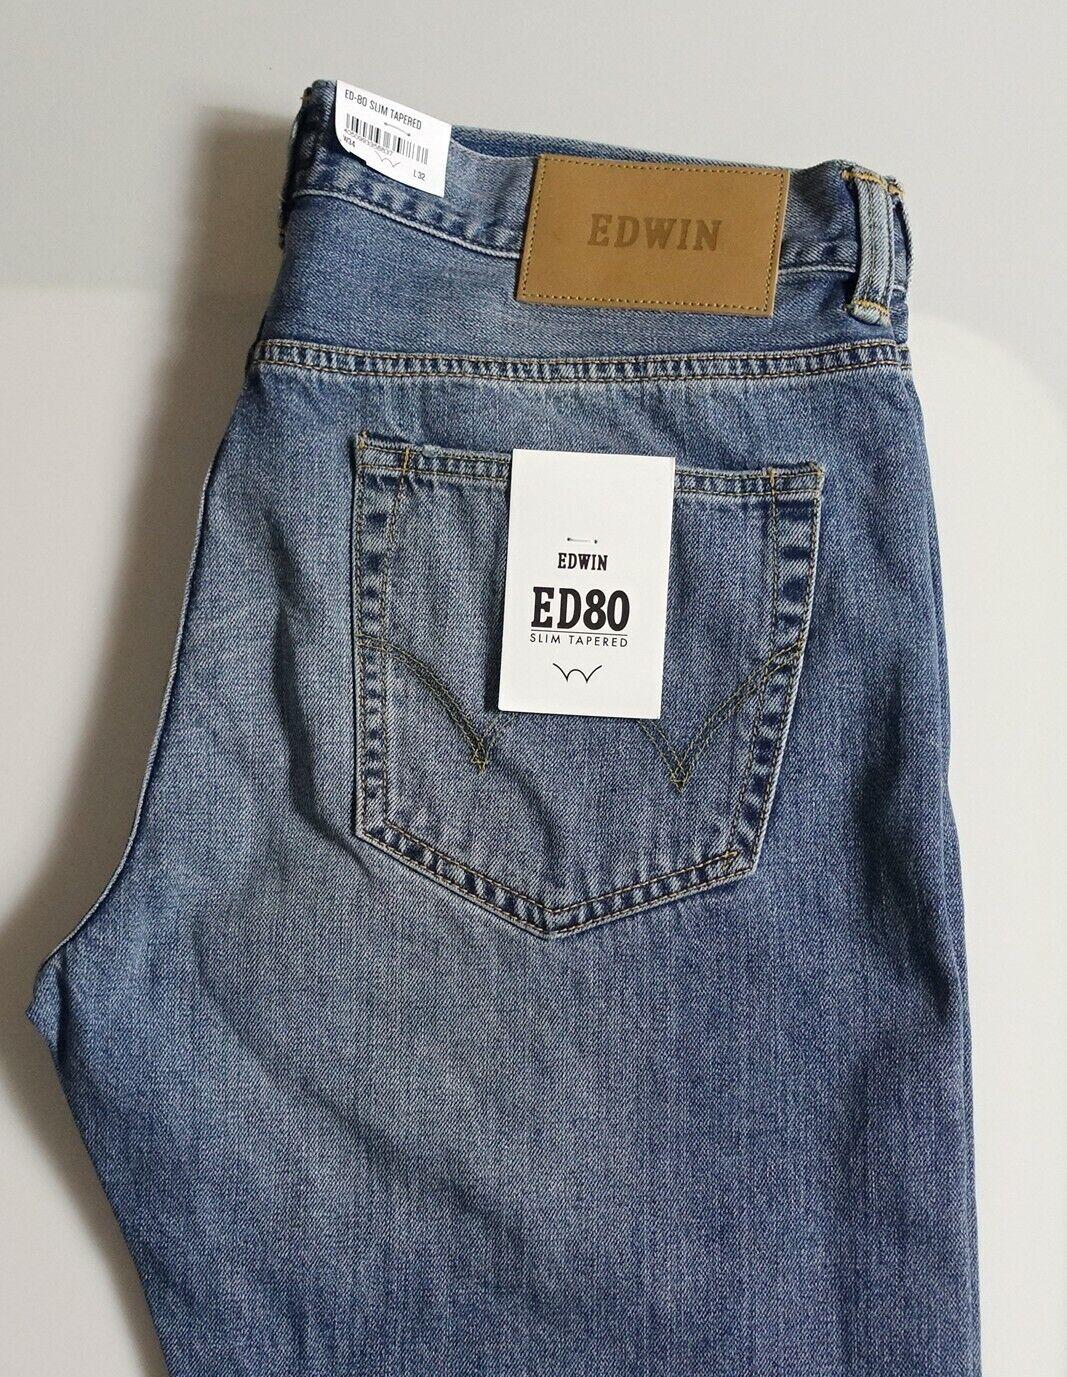 a50d641532f5 Pantalon Jeans EDWIN new Japan ED 80 slim tapered deep blu W34 L32 val  nntkbl4406-Pantaloni